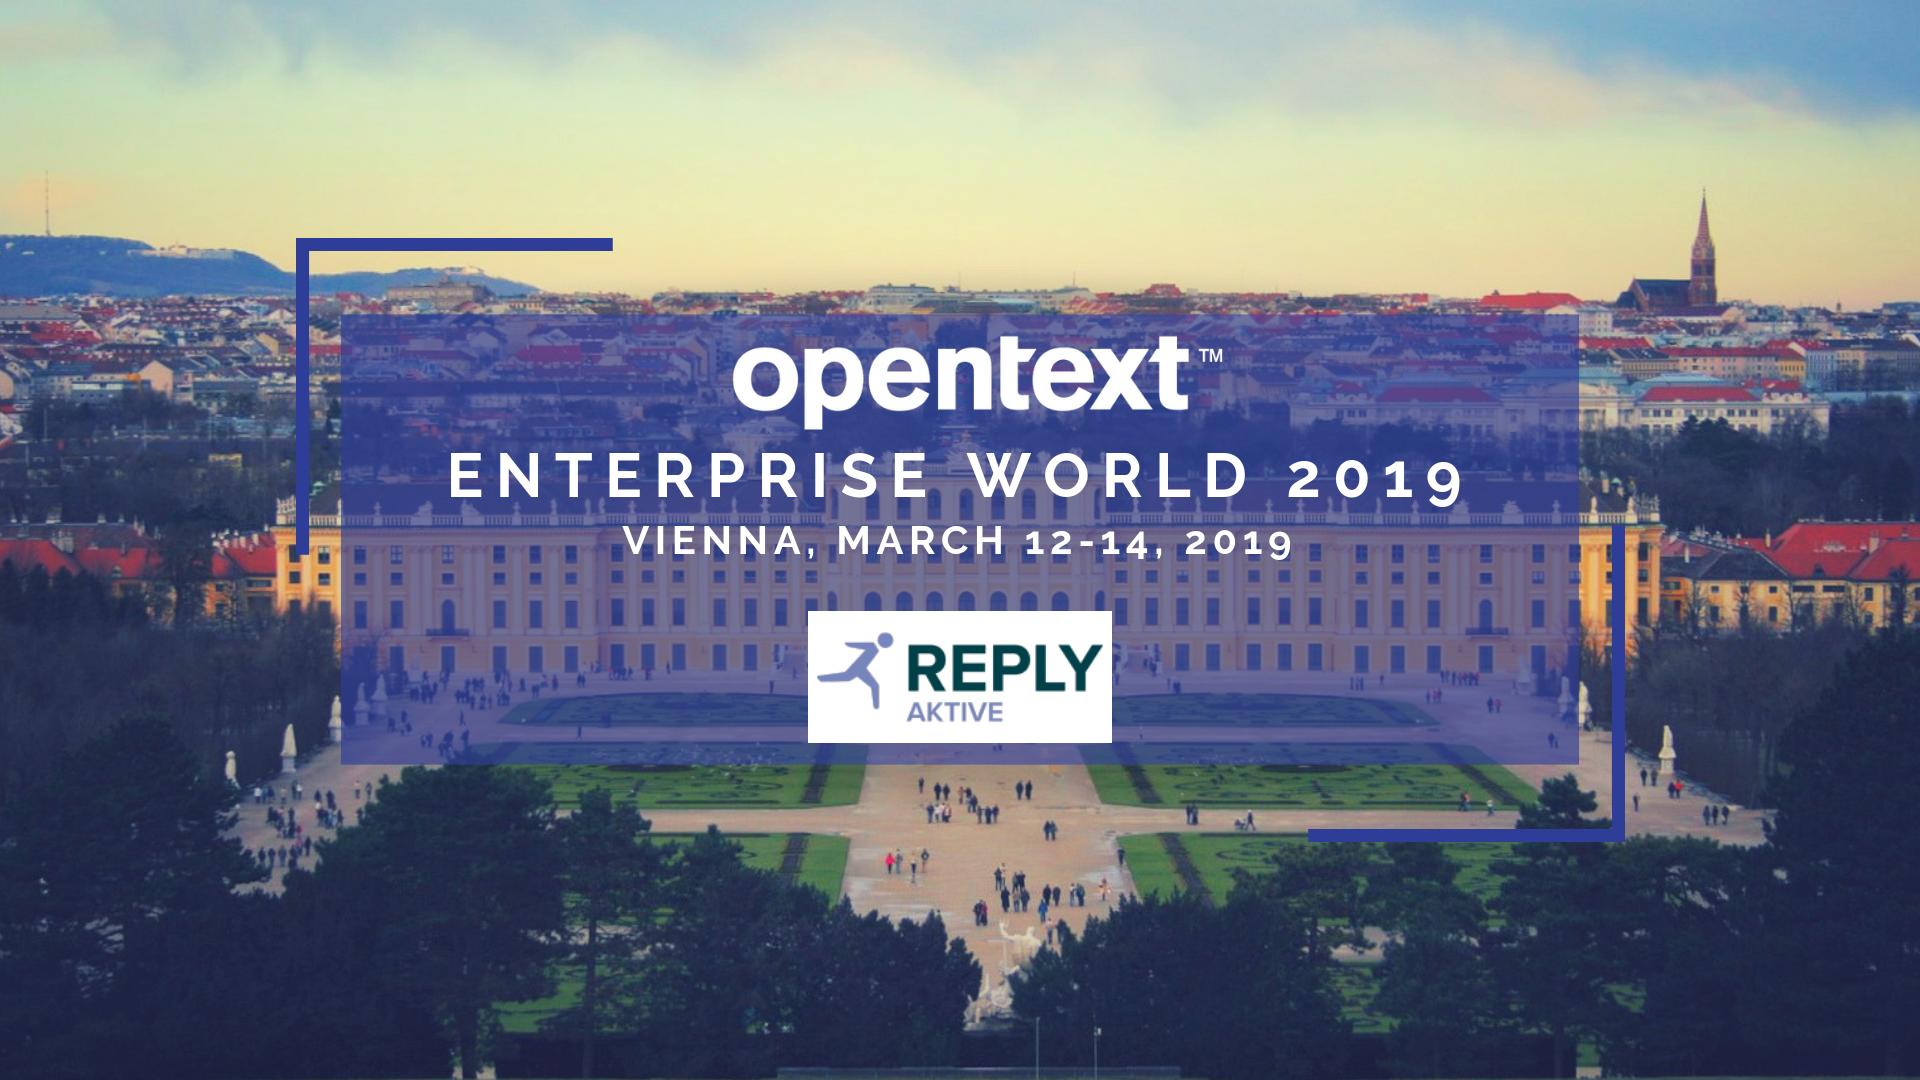 opentextenterpriseworld2019.png